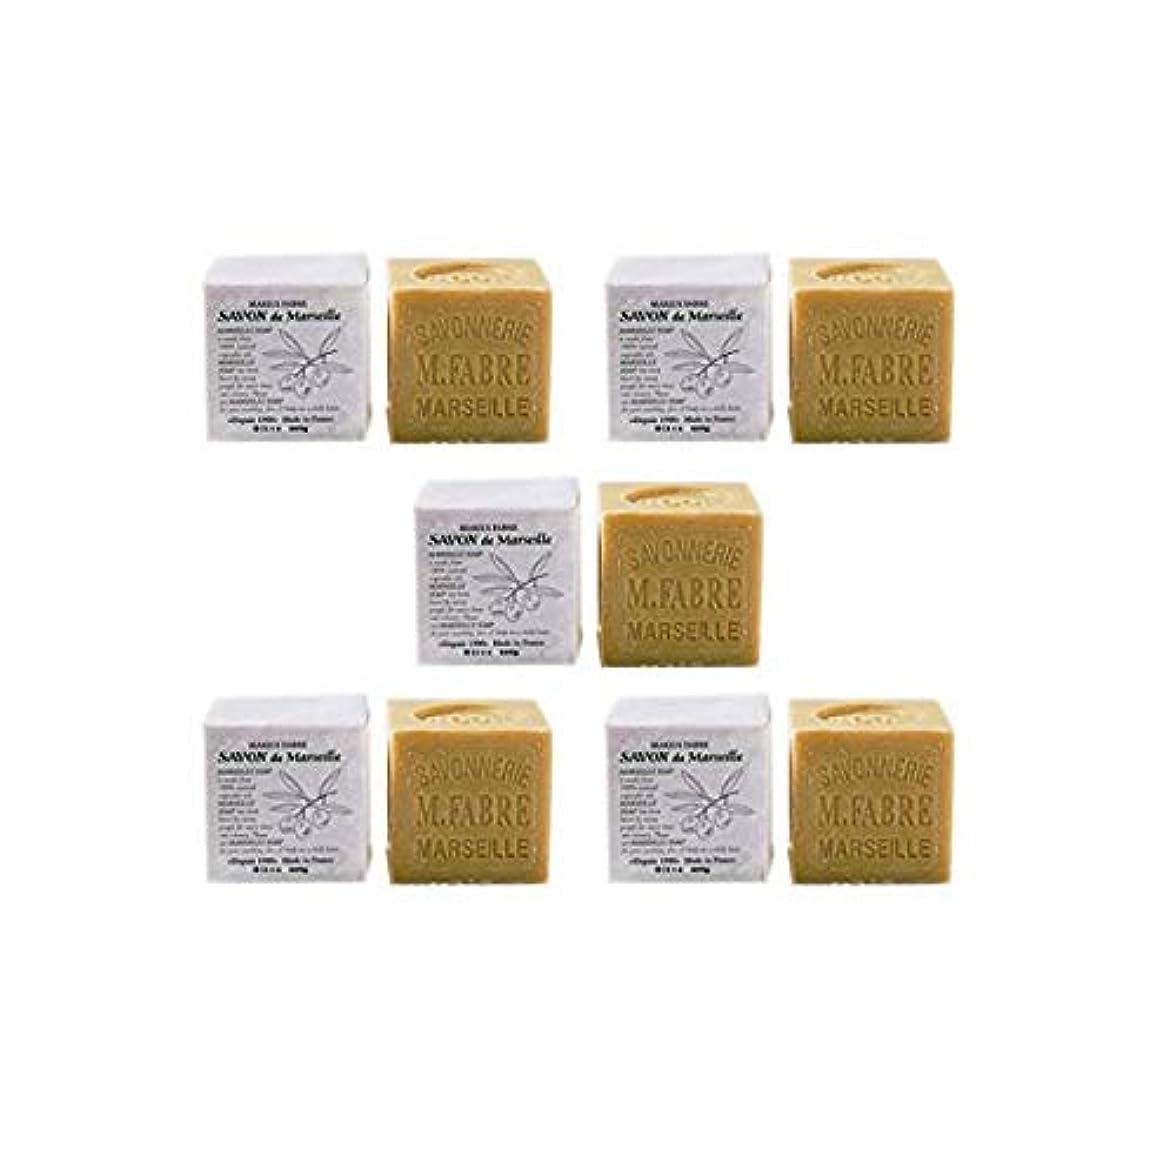 特派員再撮り便利マリウスファーブルジューン サボンドマルセイユ無香料200gオリーブN 5個セット(200g×5個)無添加オリーブ石鹸